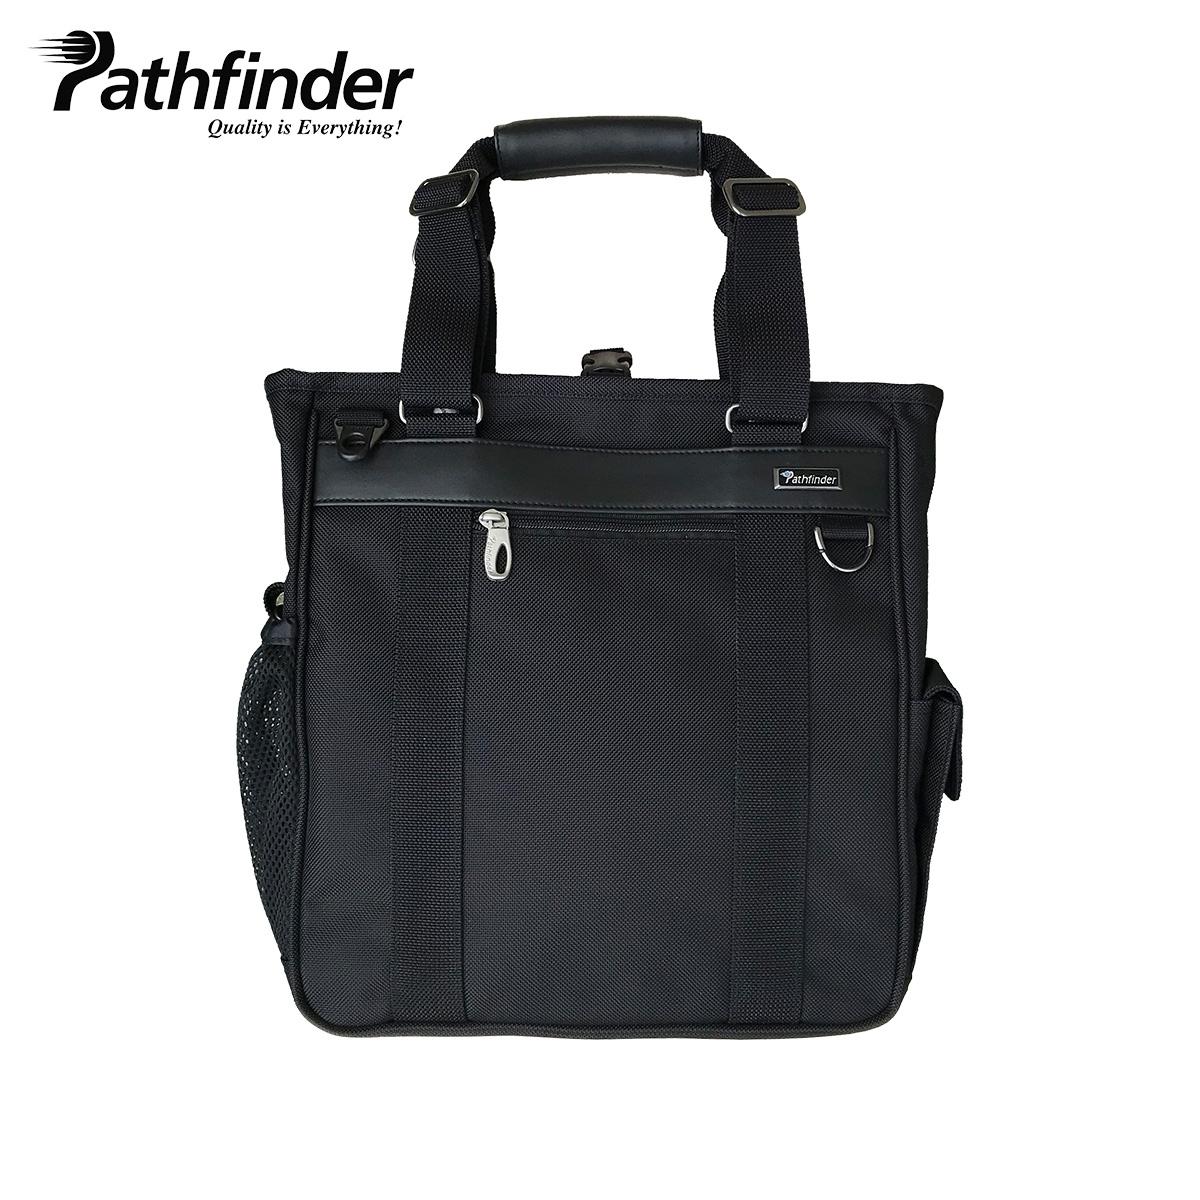 海外最新 Pathfinder パスファインダー トート バッグ ビジネスバッグ メンズ REVOLUTION XT ブラック 黒 PF6817B, ブランド古着の買取販売STAY246 b00cfa72